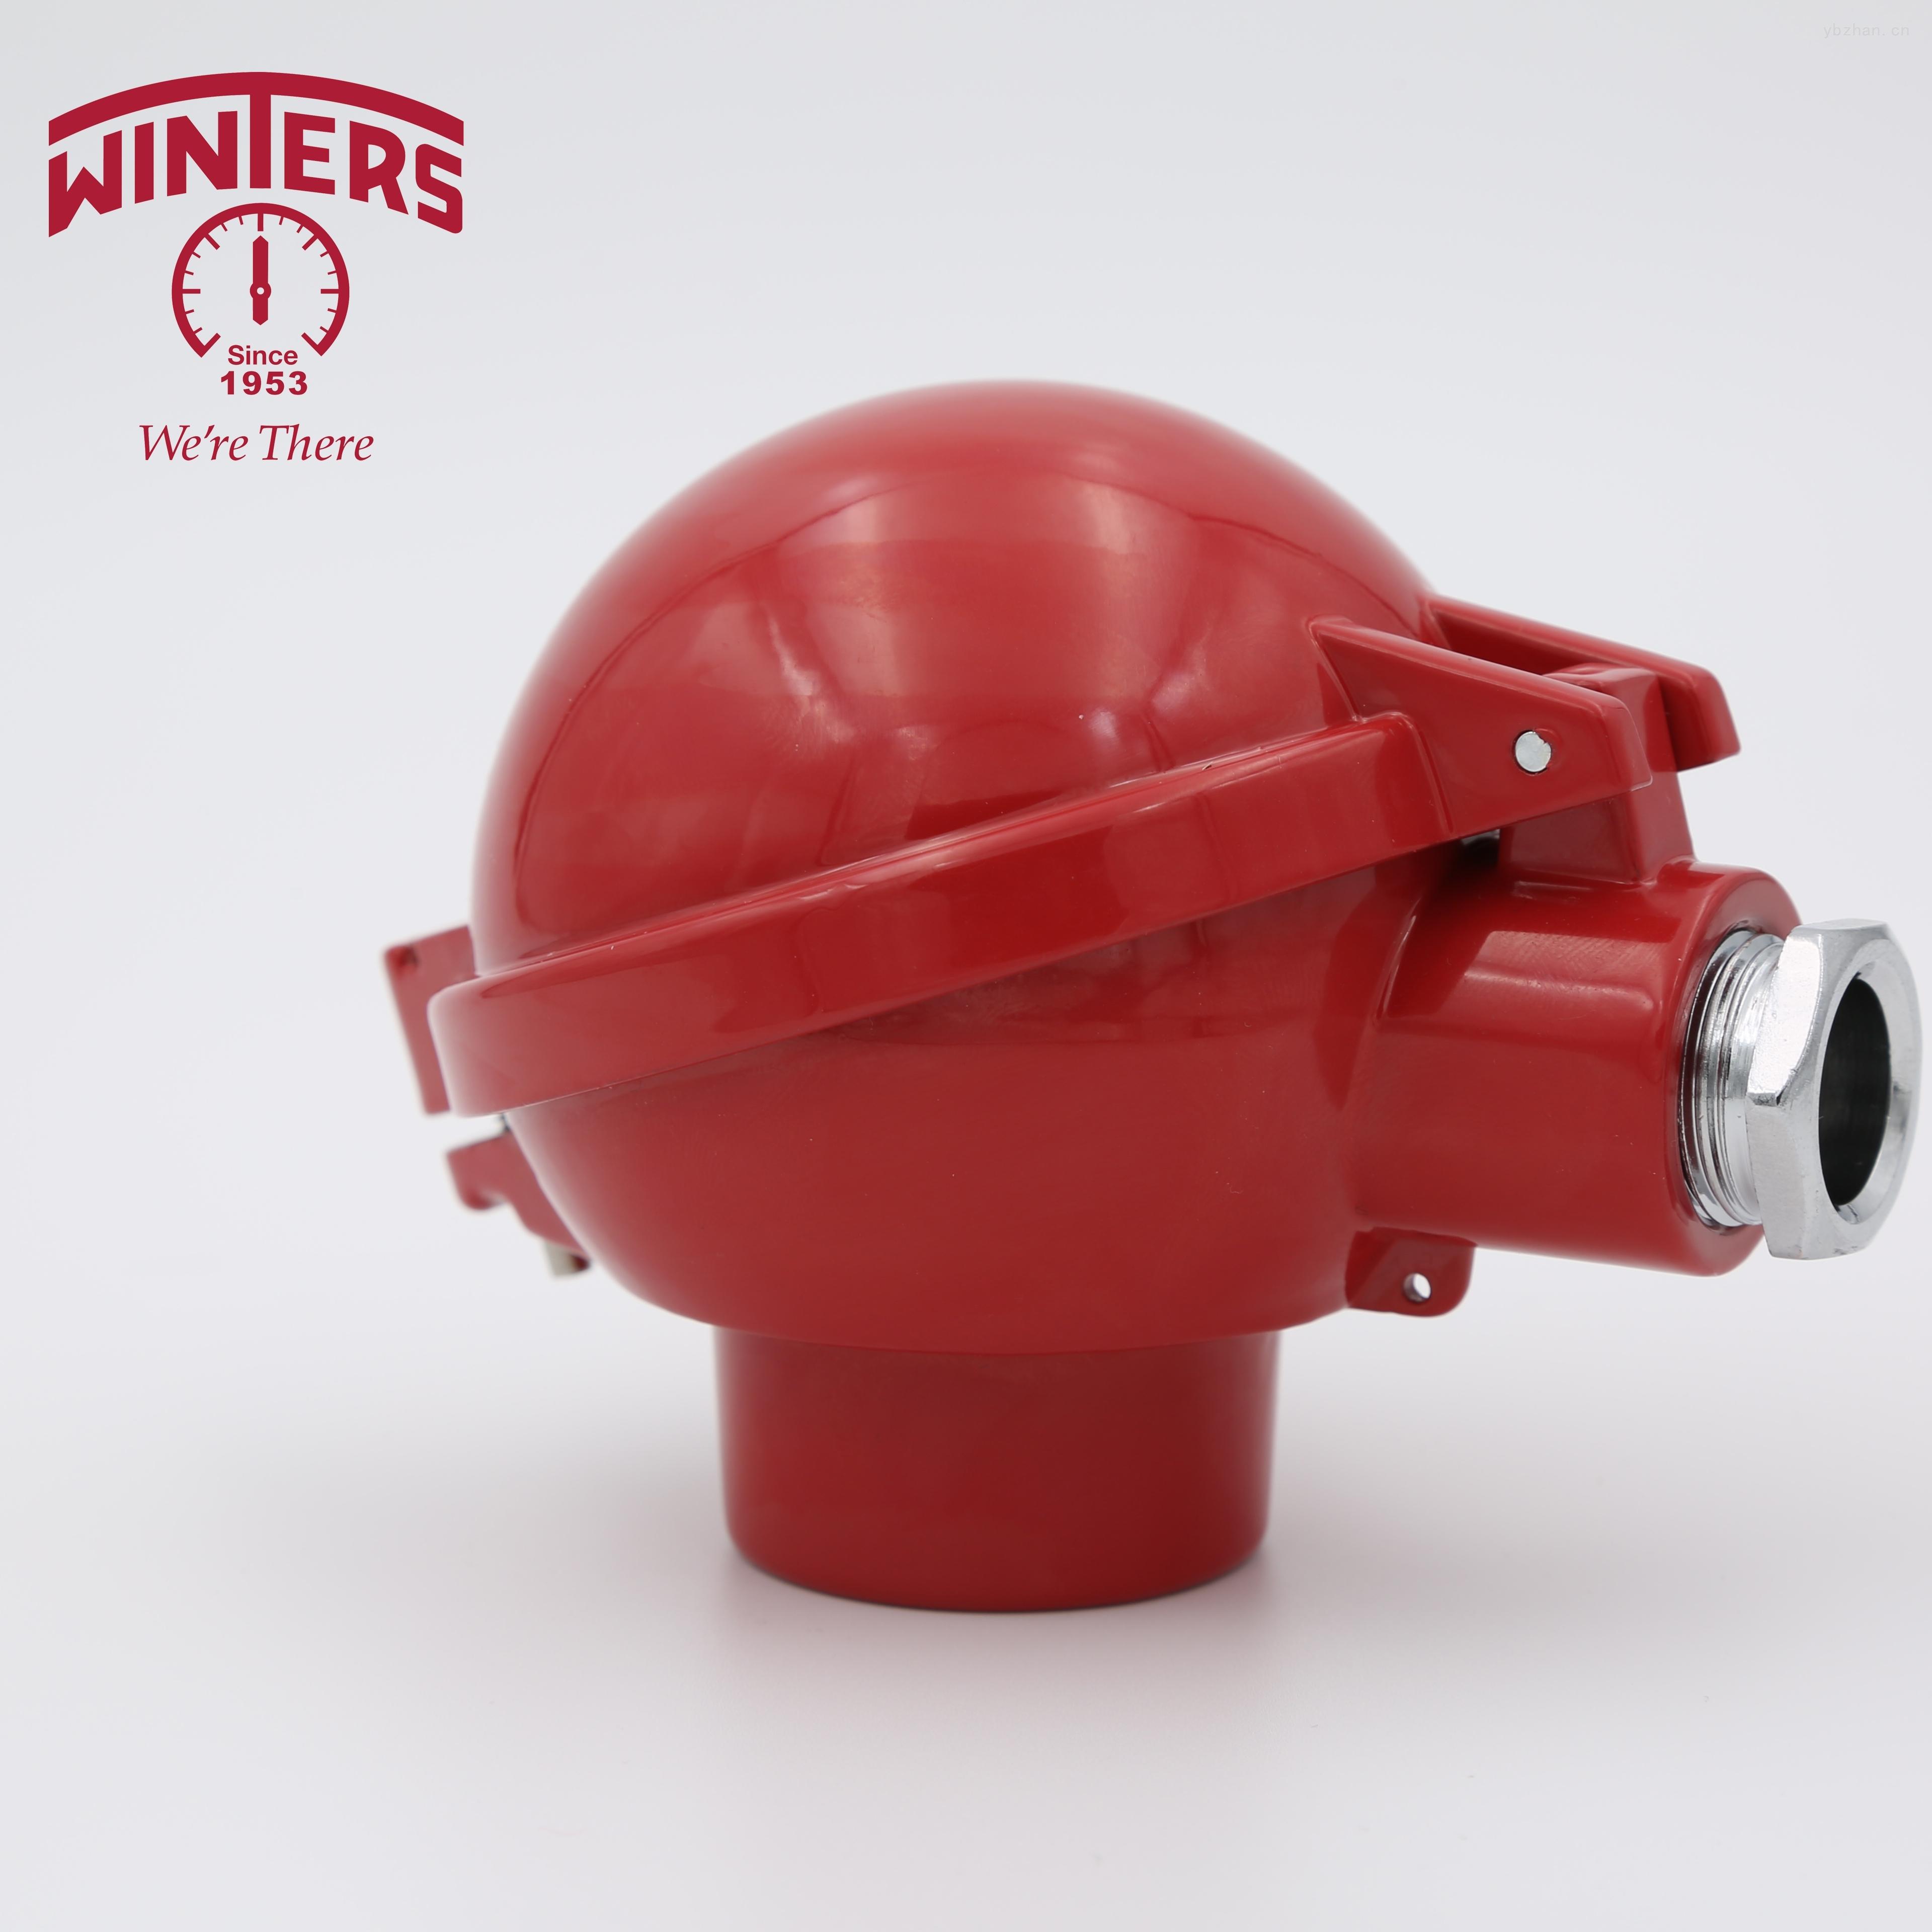 供应文特斯(WINTERS)电磁流量计